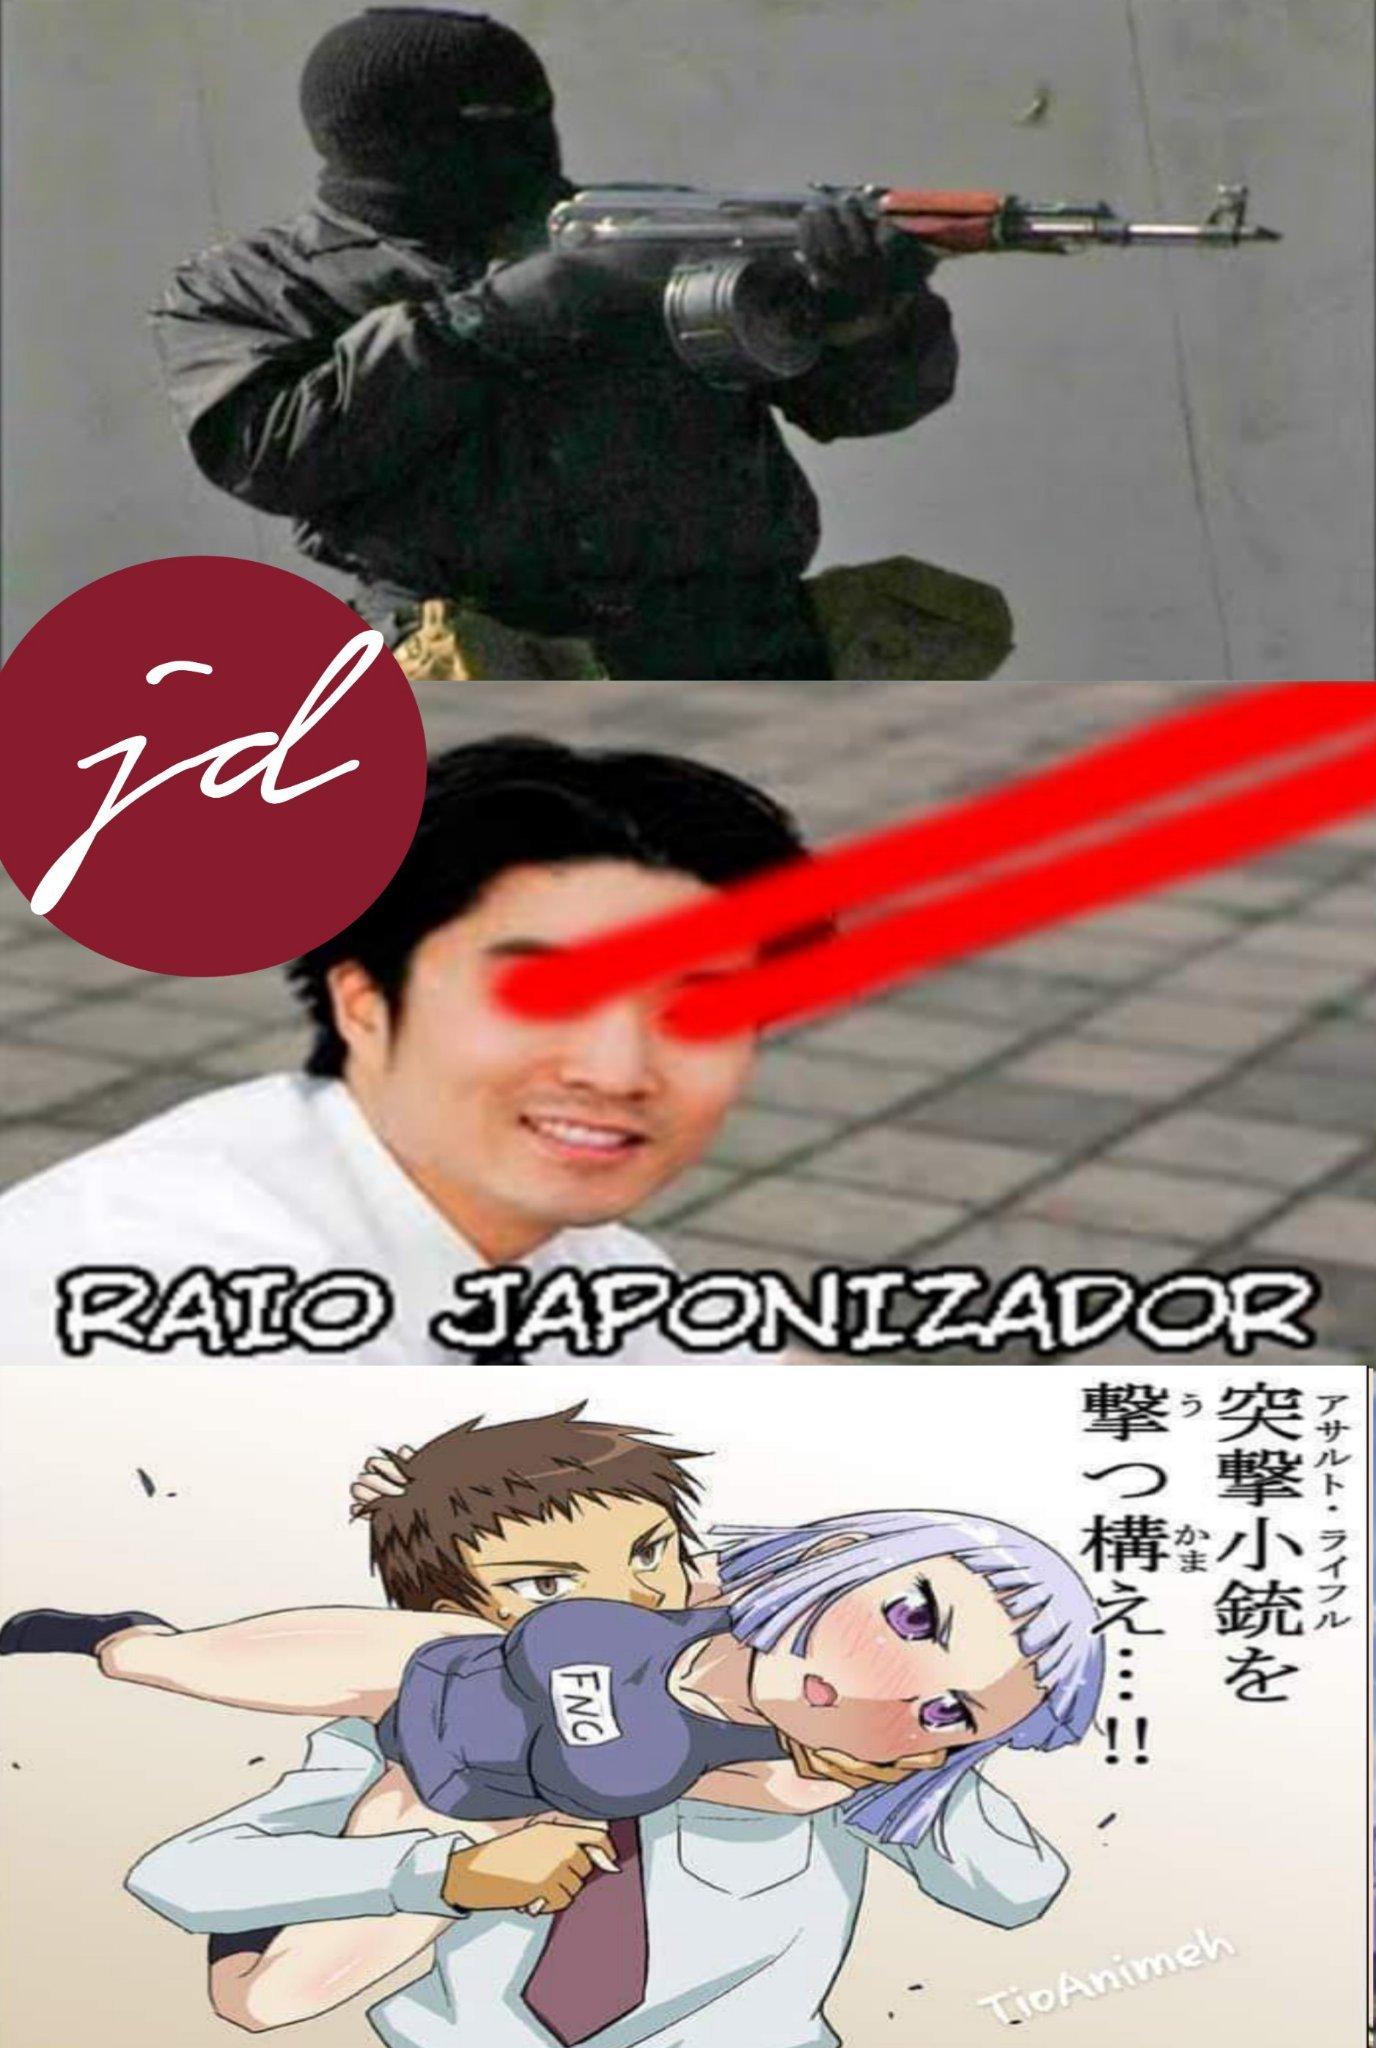 Los tiroteos en Japón deben ser muy kawaiis - meme